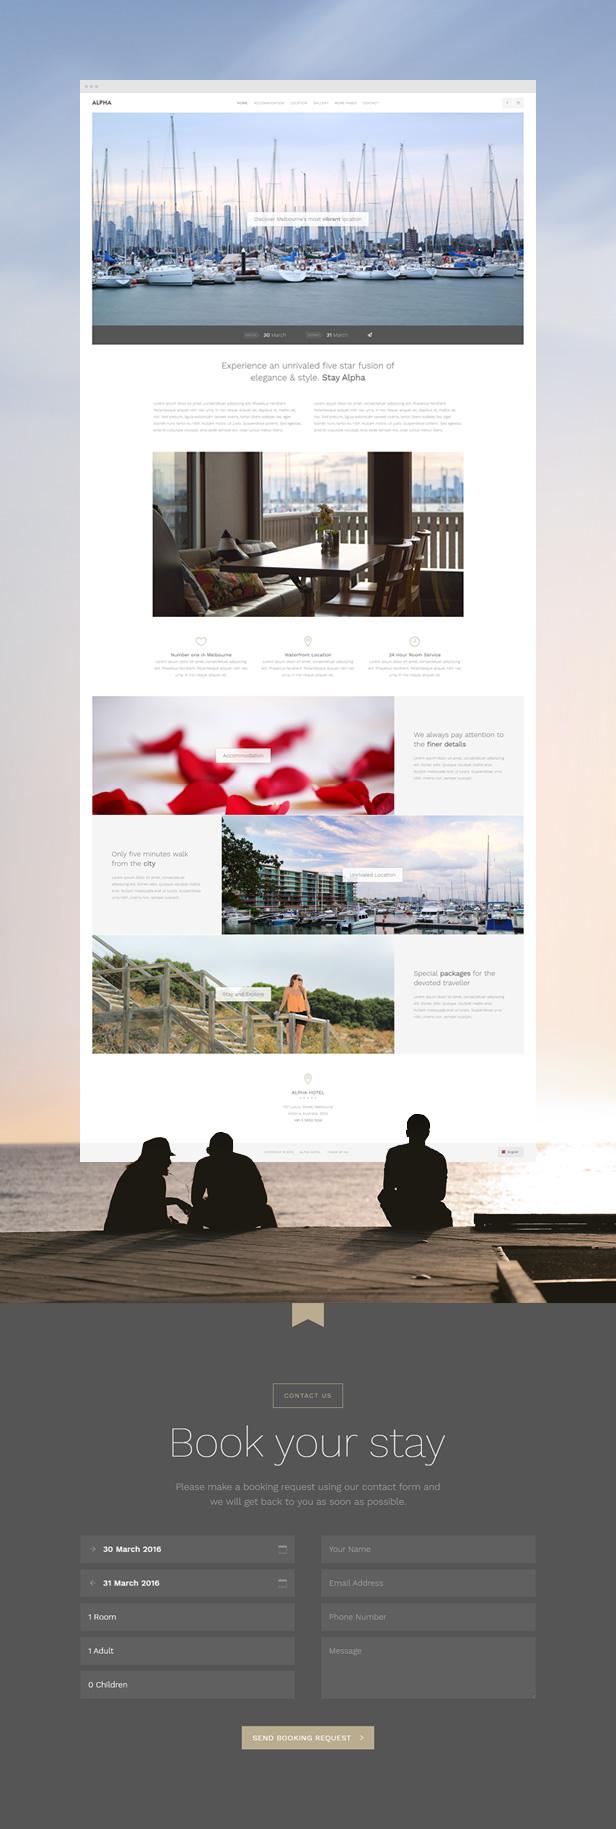 Alpha Hotel - Website Template | Prosyscom Tech 2